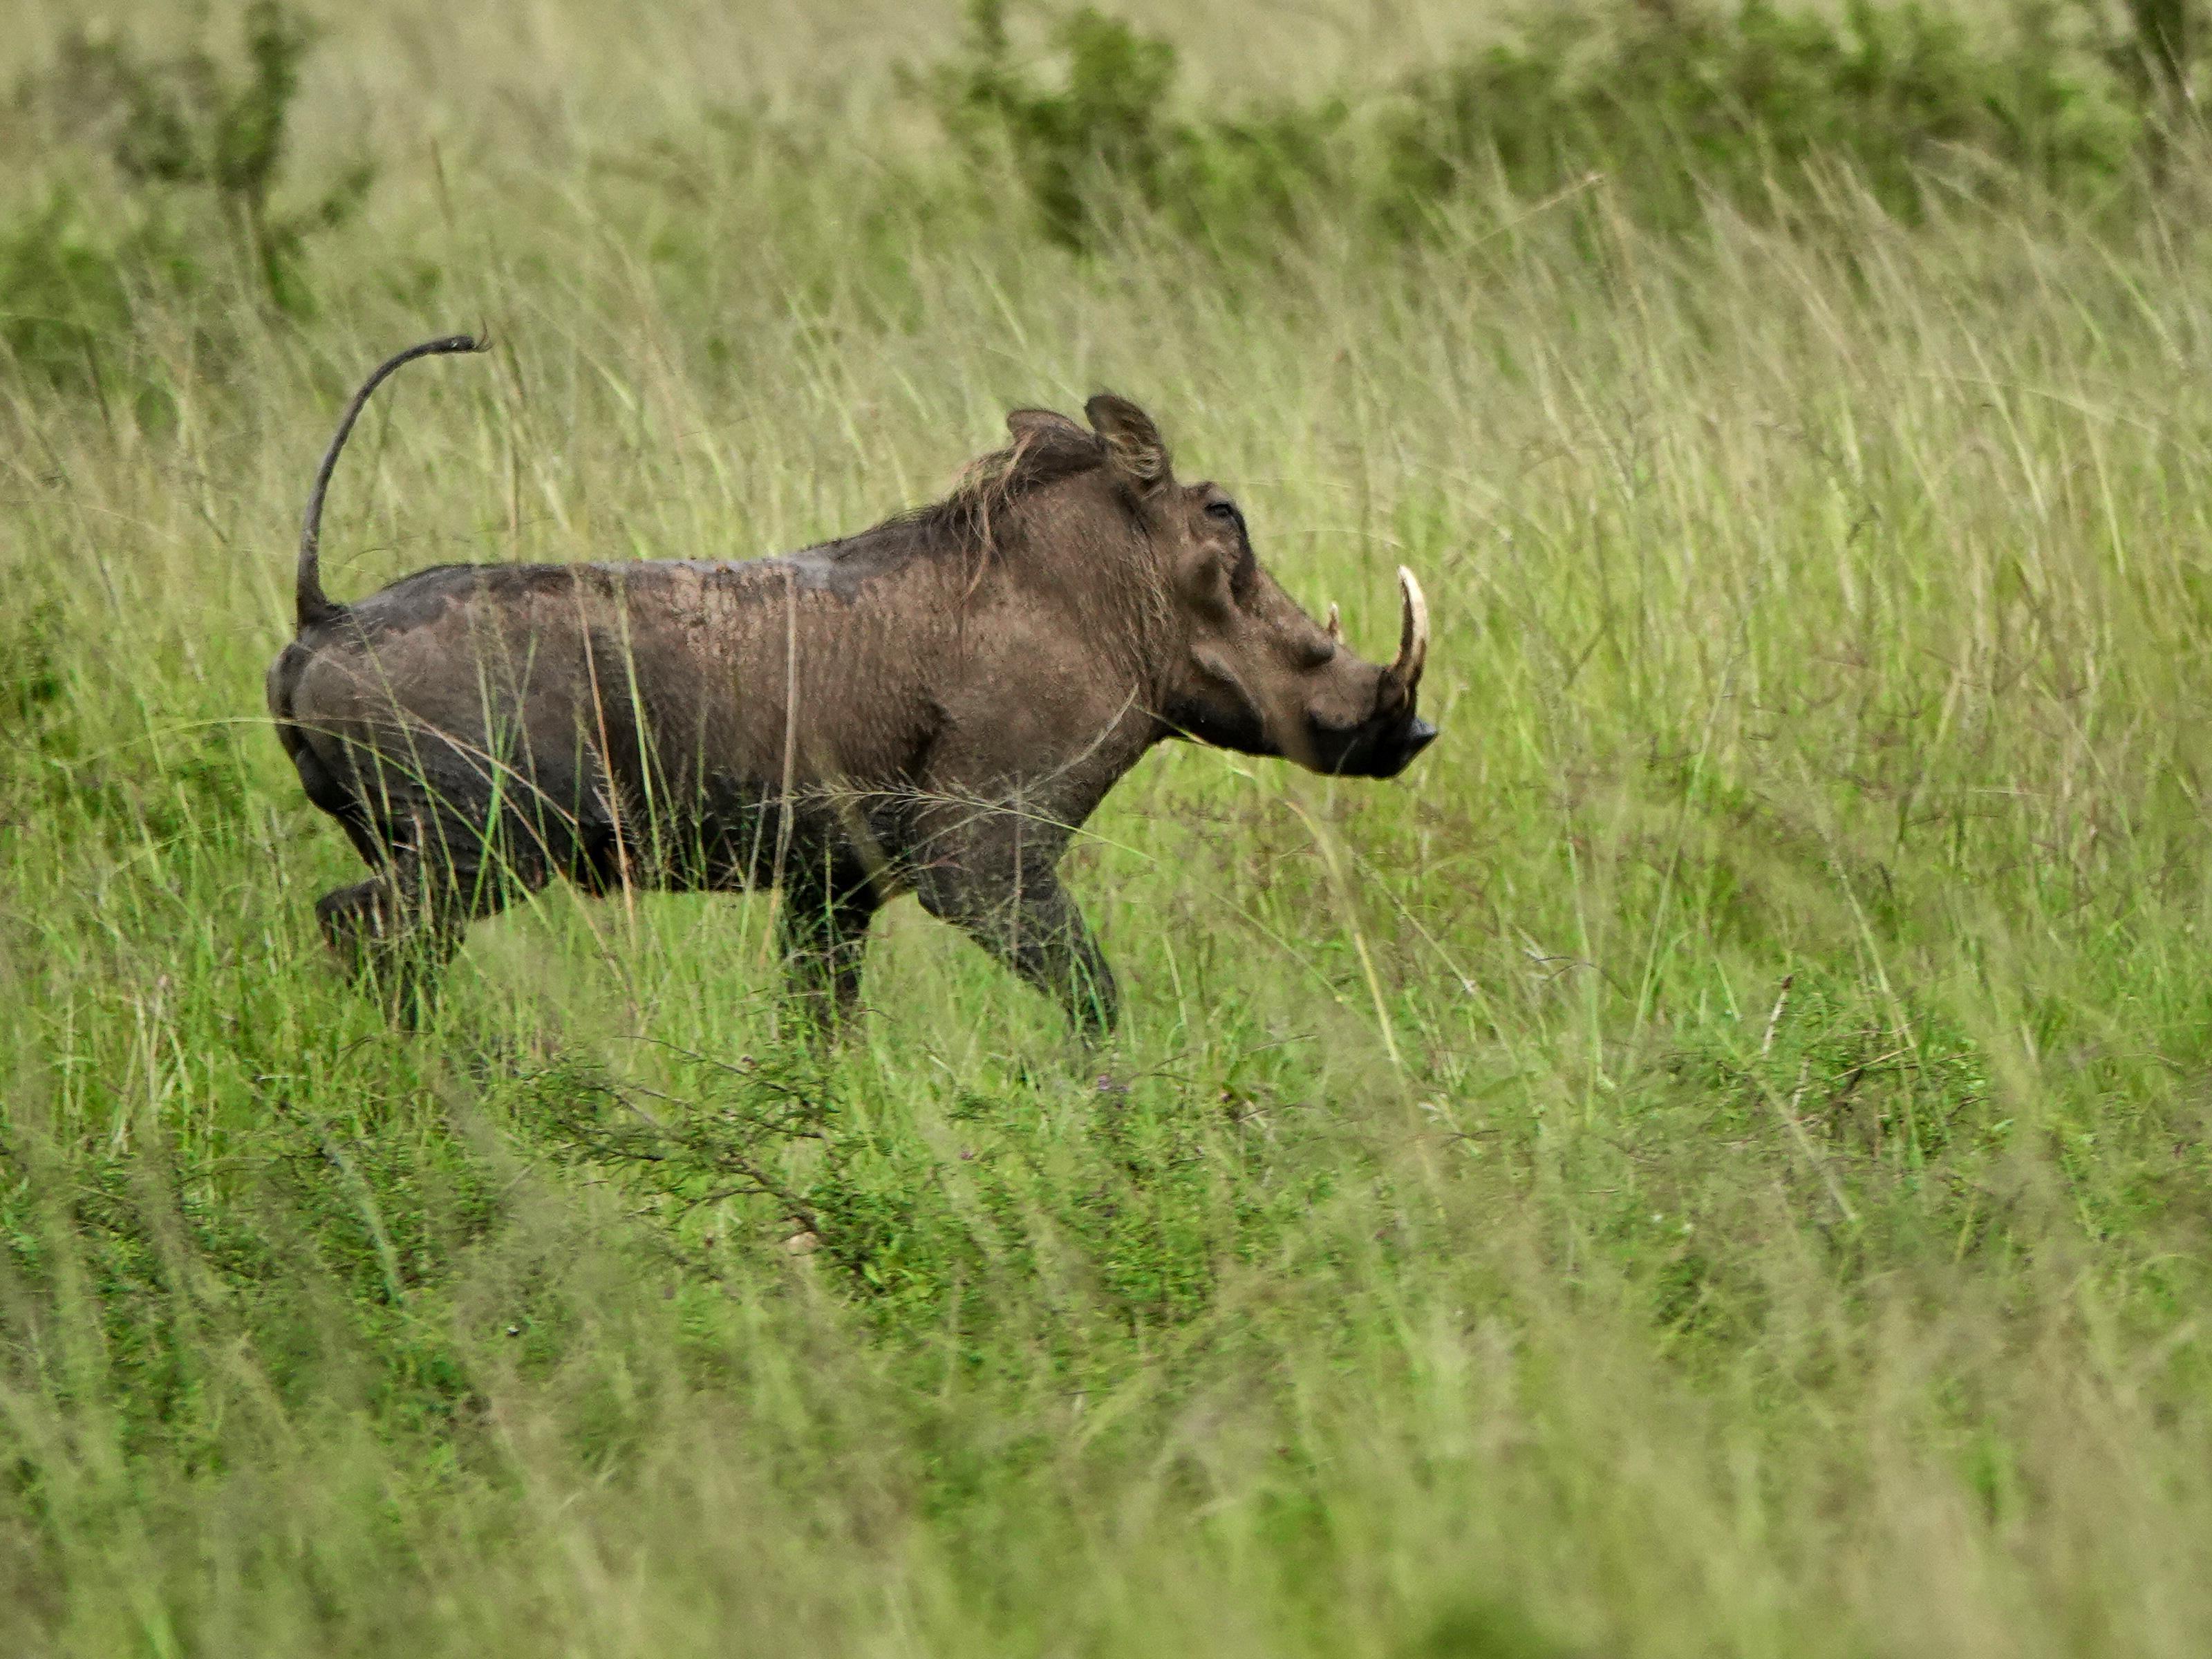 Un animal qui ressemble à un sanglier court dans la savane.